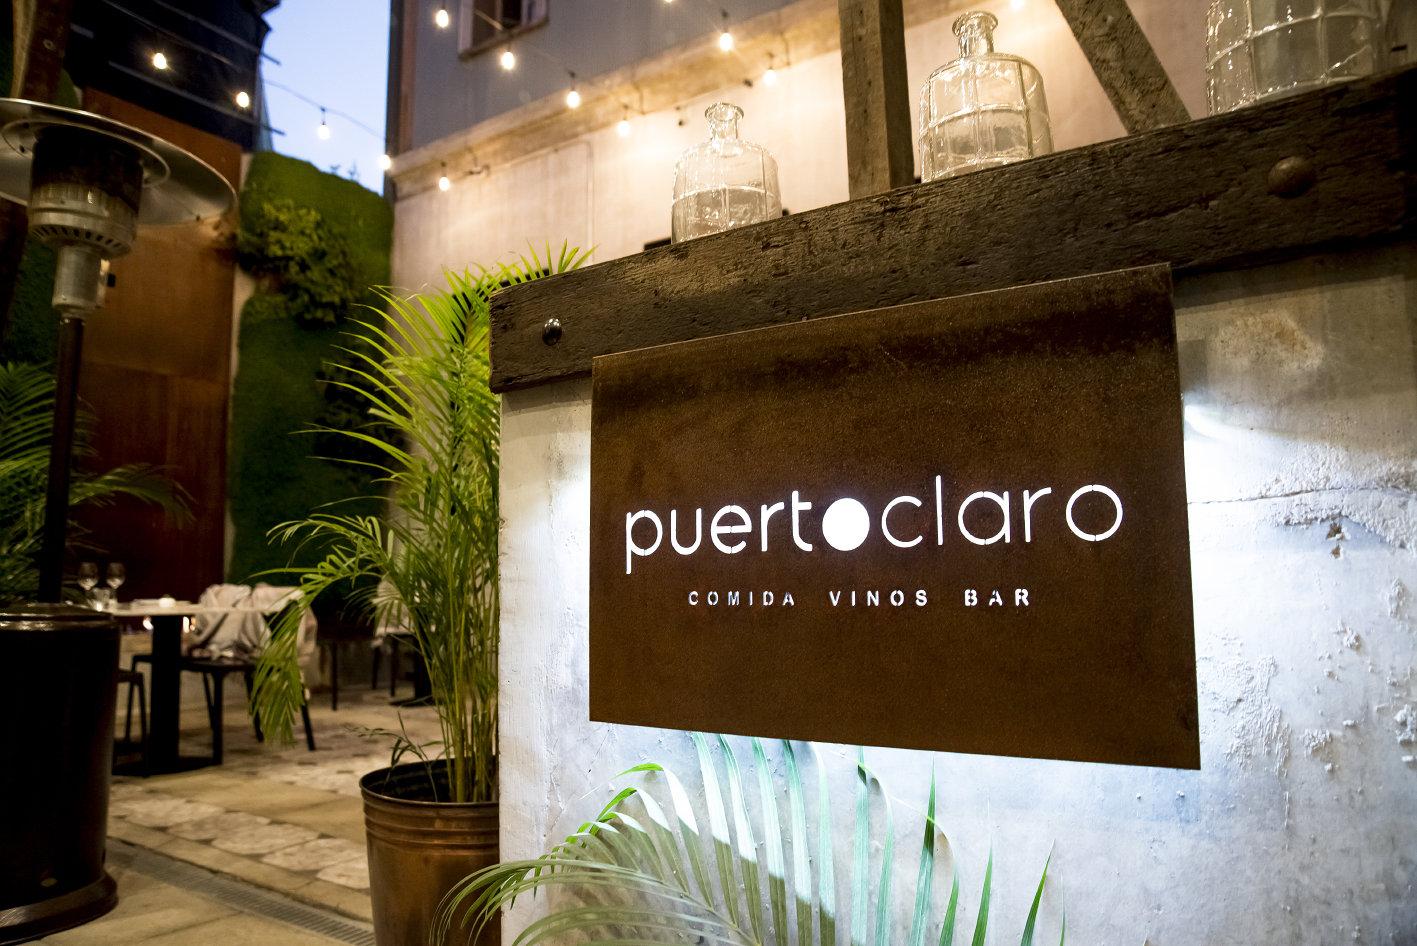 Puerto Claro ofrecerá cena a la nueva cocina francesa junto a Ritual de Viña Veramonte